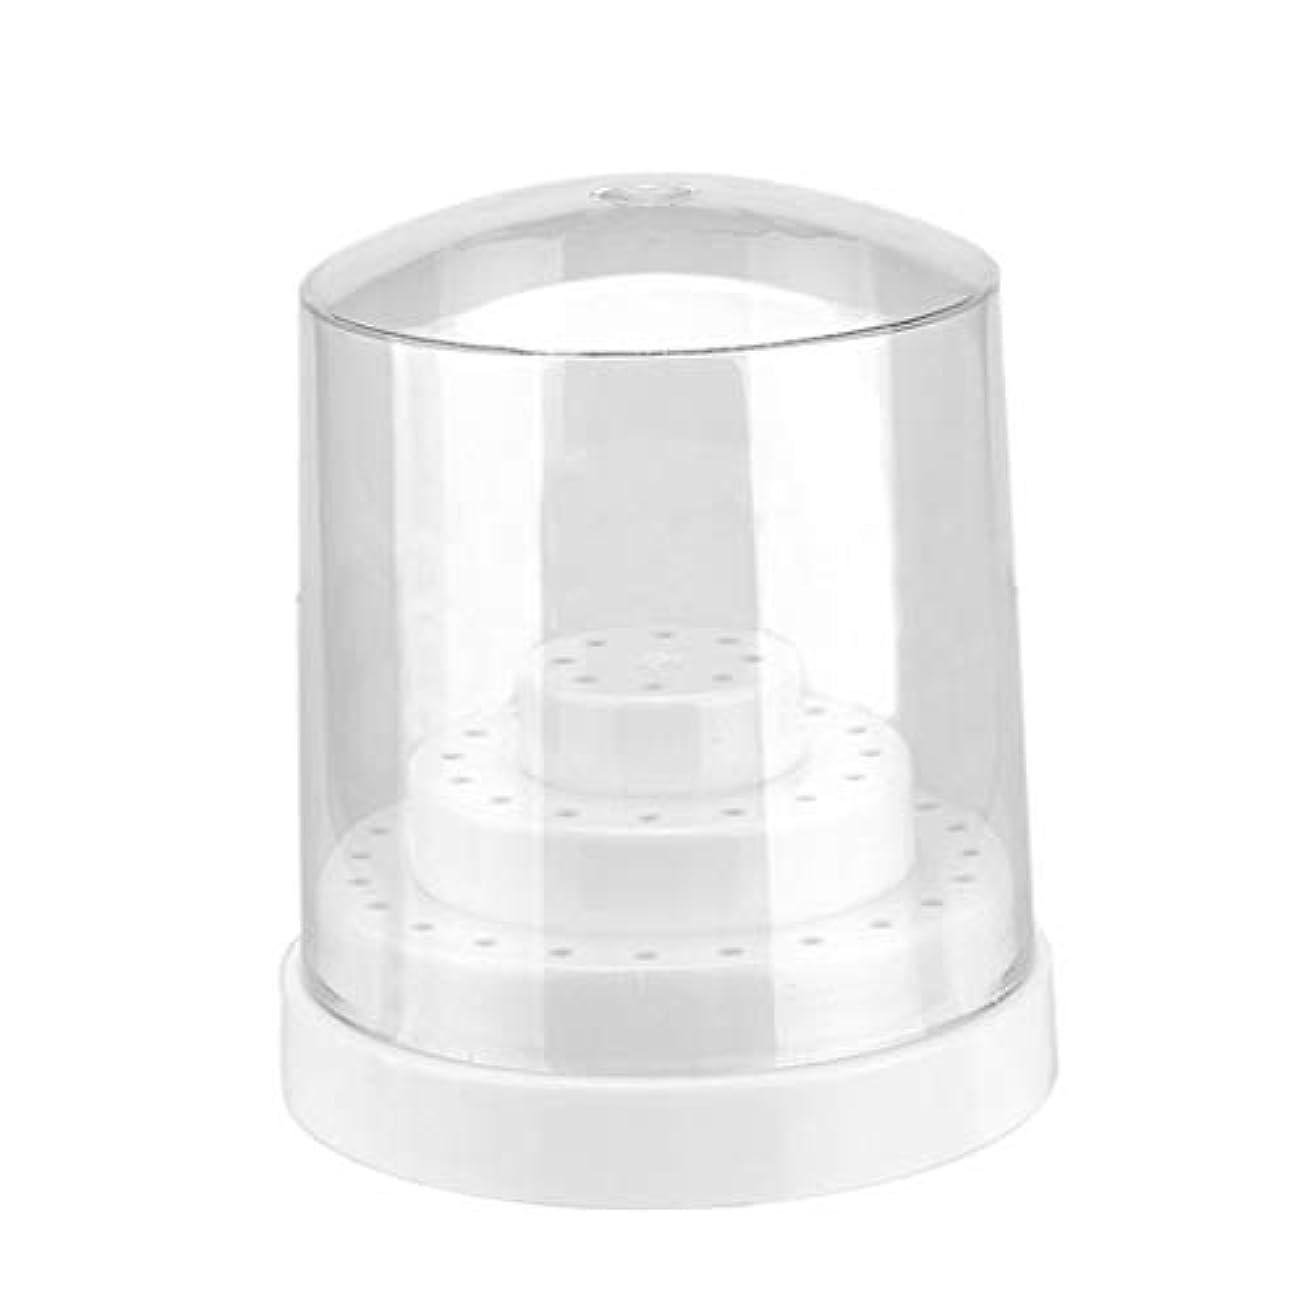 付添人生き返らせる測定ネイルドリルビット ネイルファイル 収納ケース オーガナイザー スタンド プラスチック